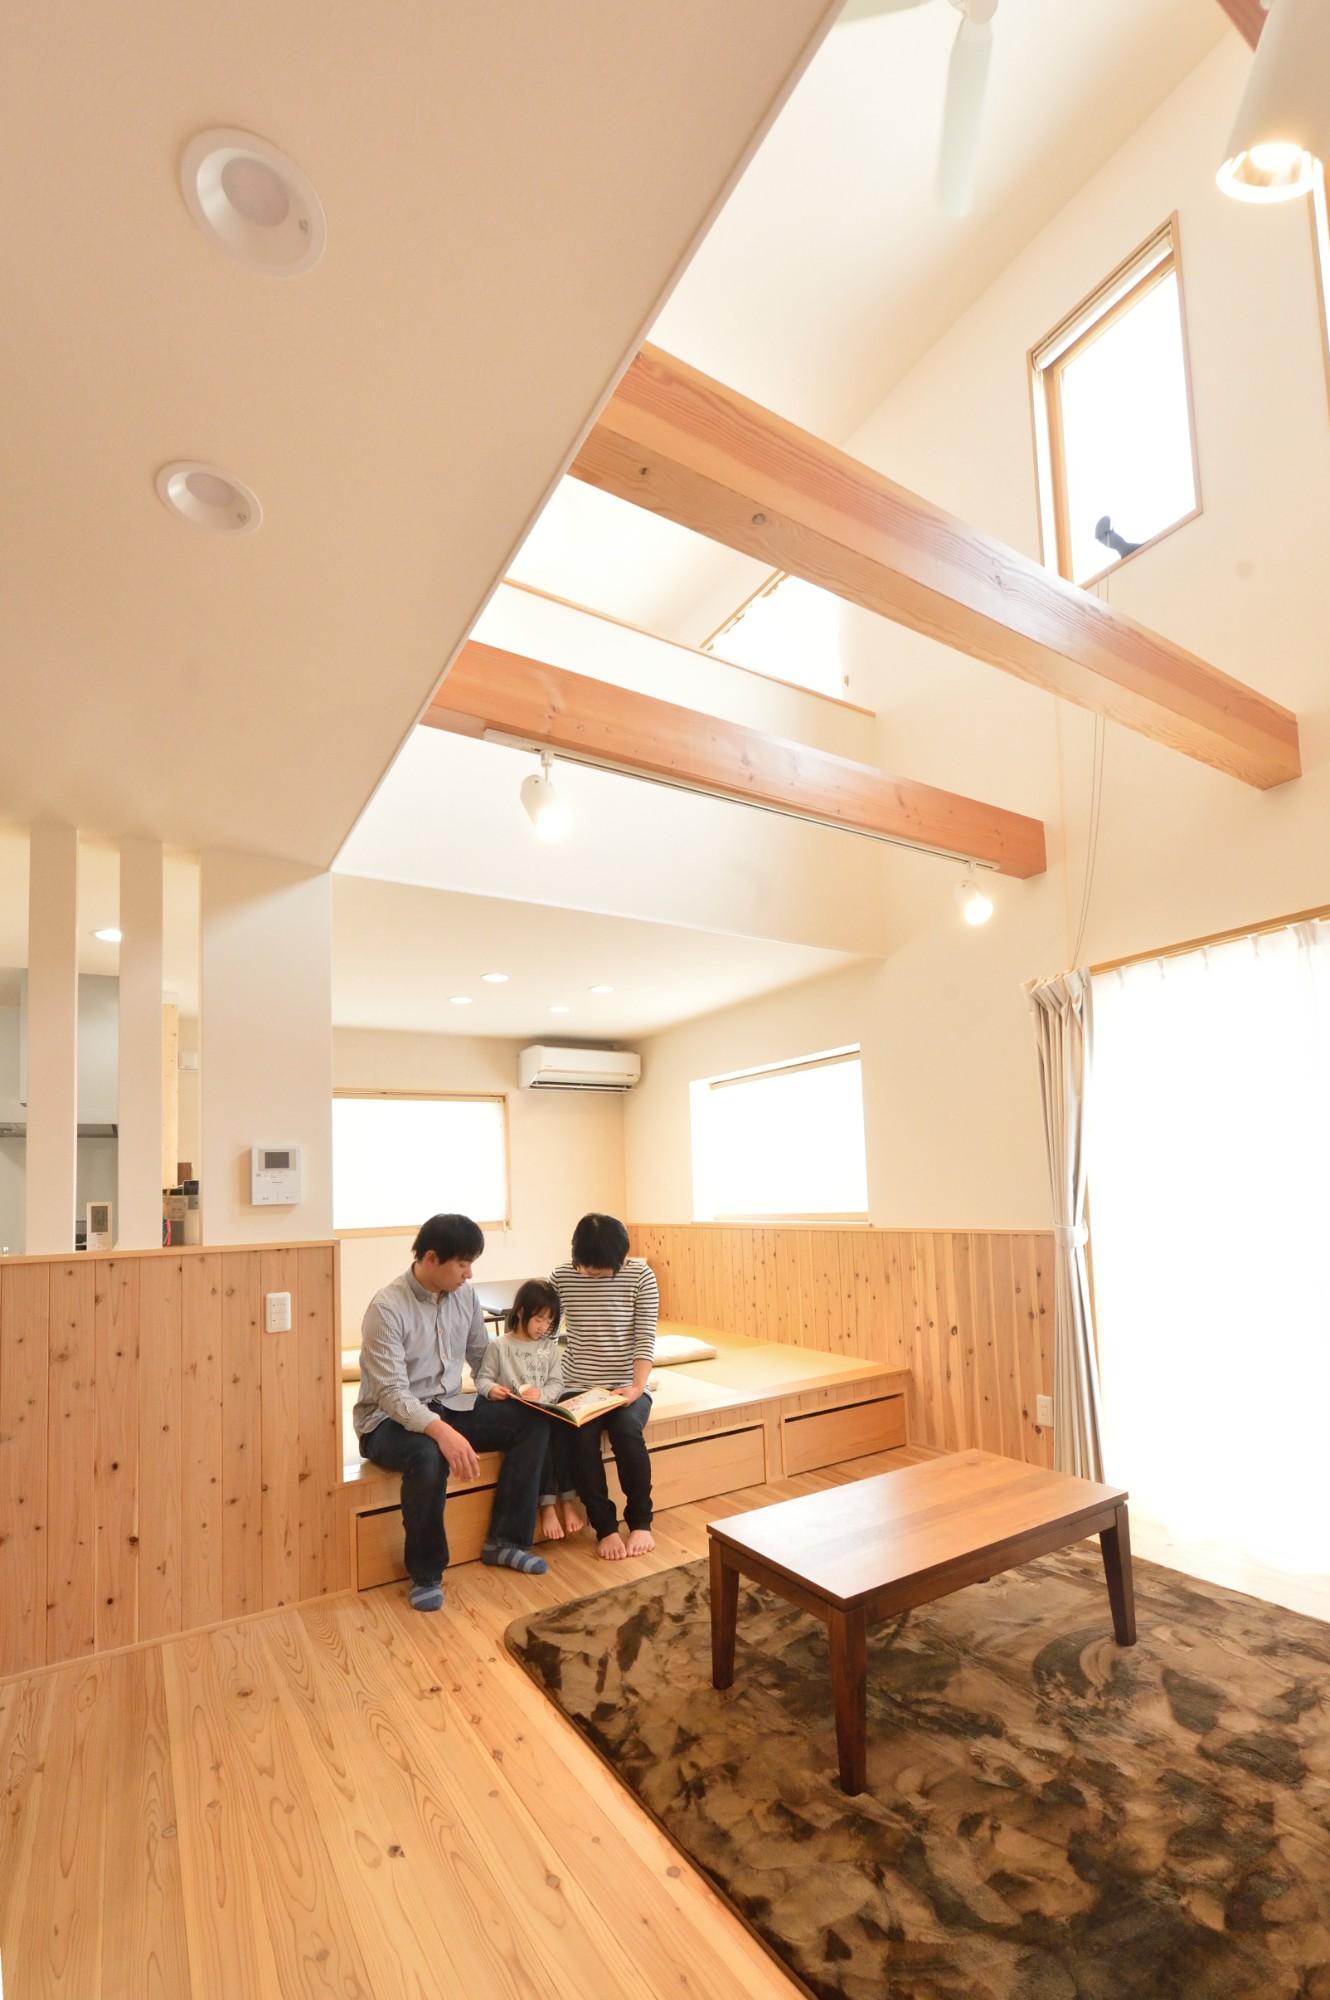 家'Sハセガワ株式会社「Living naturally 深呼吸したくなる家」のシンプル・ナチュラル・自然素材なリビング・ダイニングの実例写真